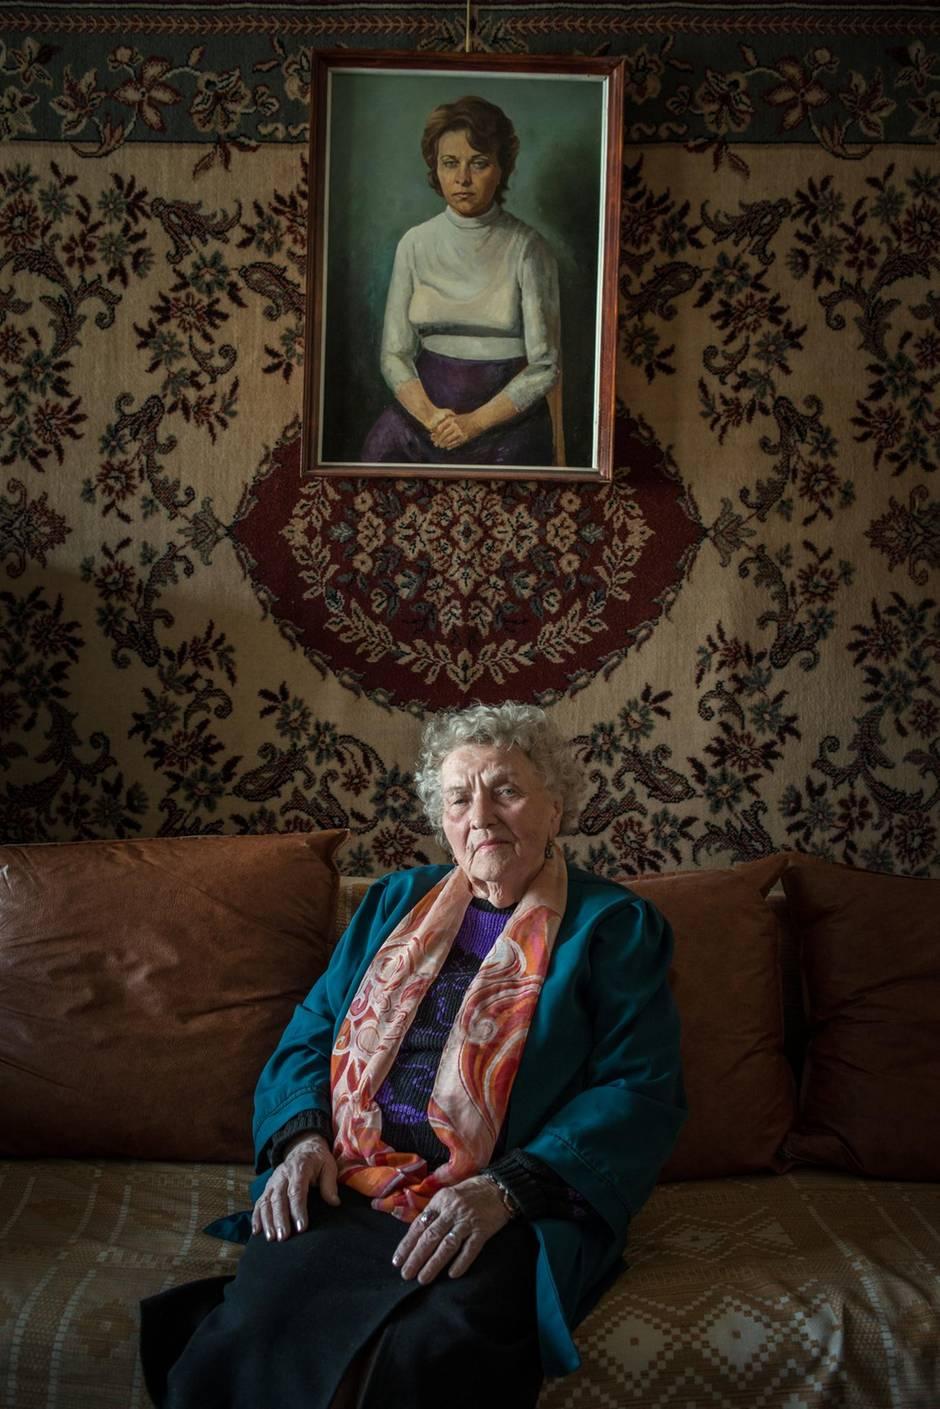 Sinaida Kriulina in ihrem Zimmer. Das Porträt, das ihr zweiter Mann gemalt hat, hängt auf der Wand.